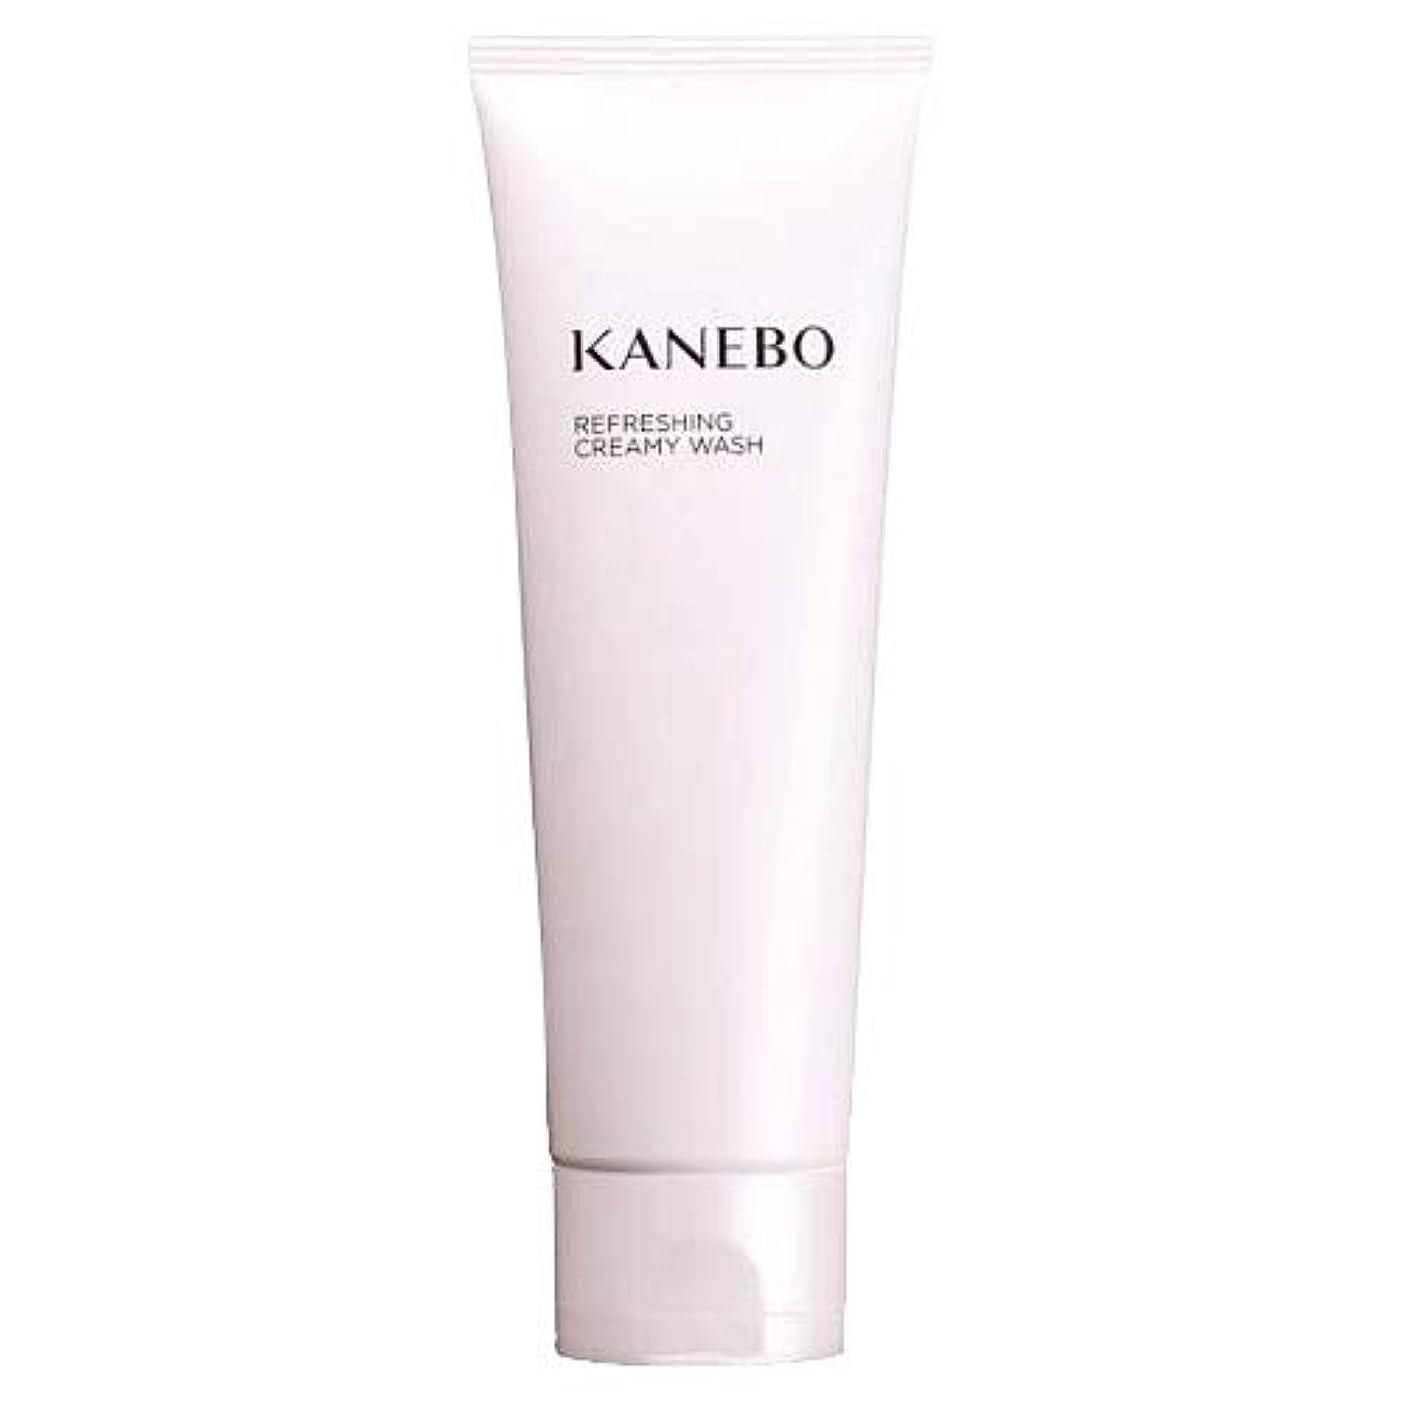 取り扱いフルーツけがをするカネボウ KANEBO 洗顔フォーム リフレッシングクリーミィウォッシュ 120ml :宅急便対応 送料無料 再入荷10 [並行輸入品]